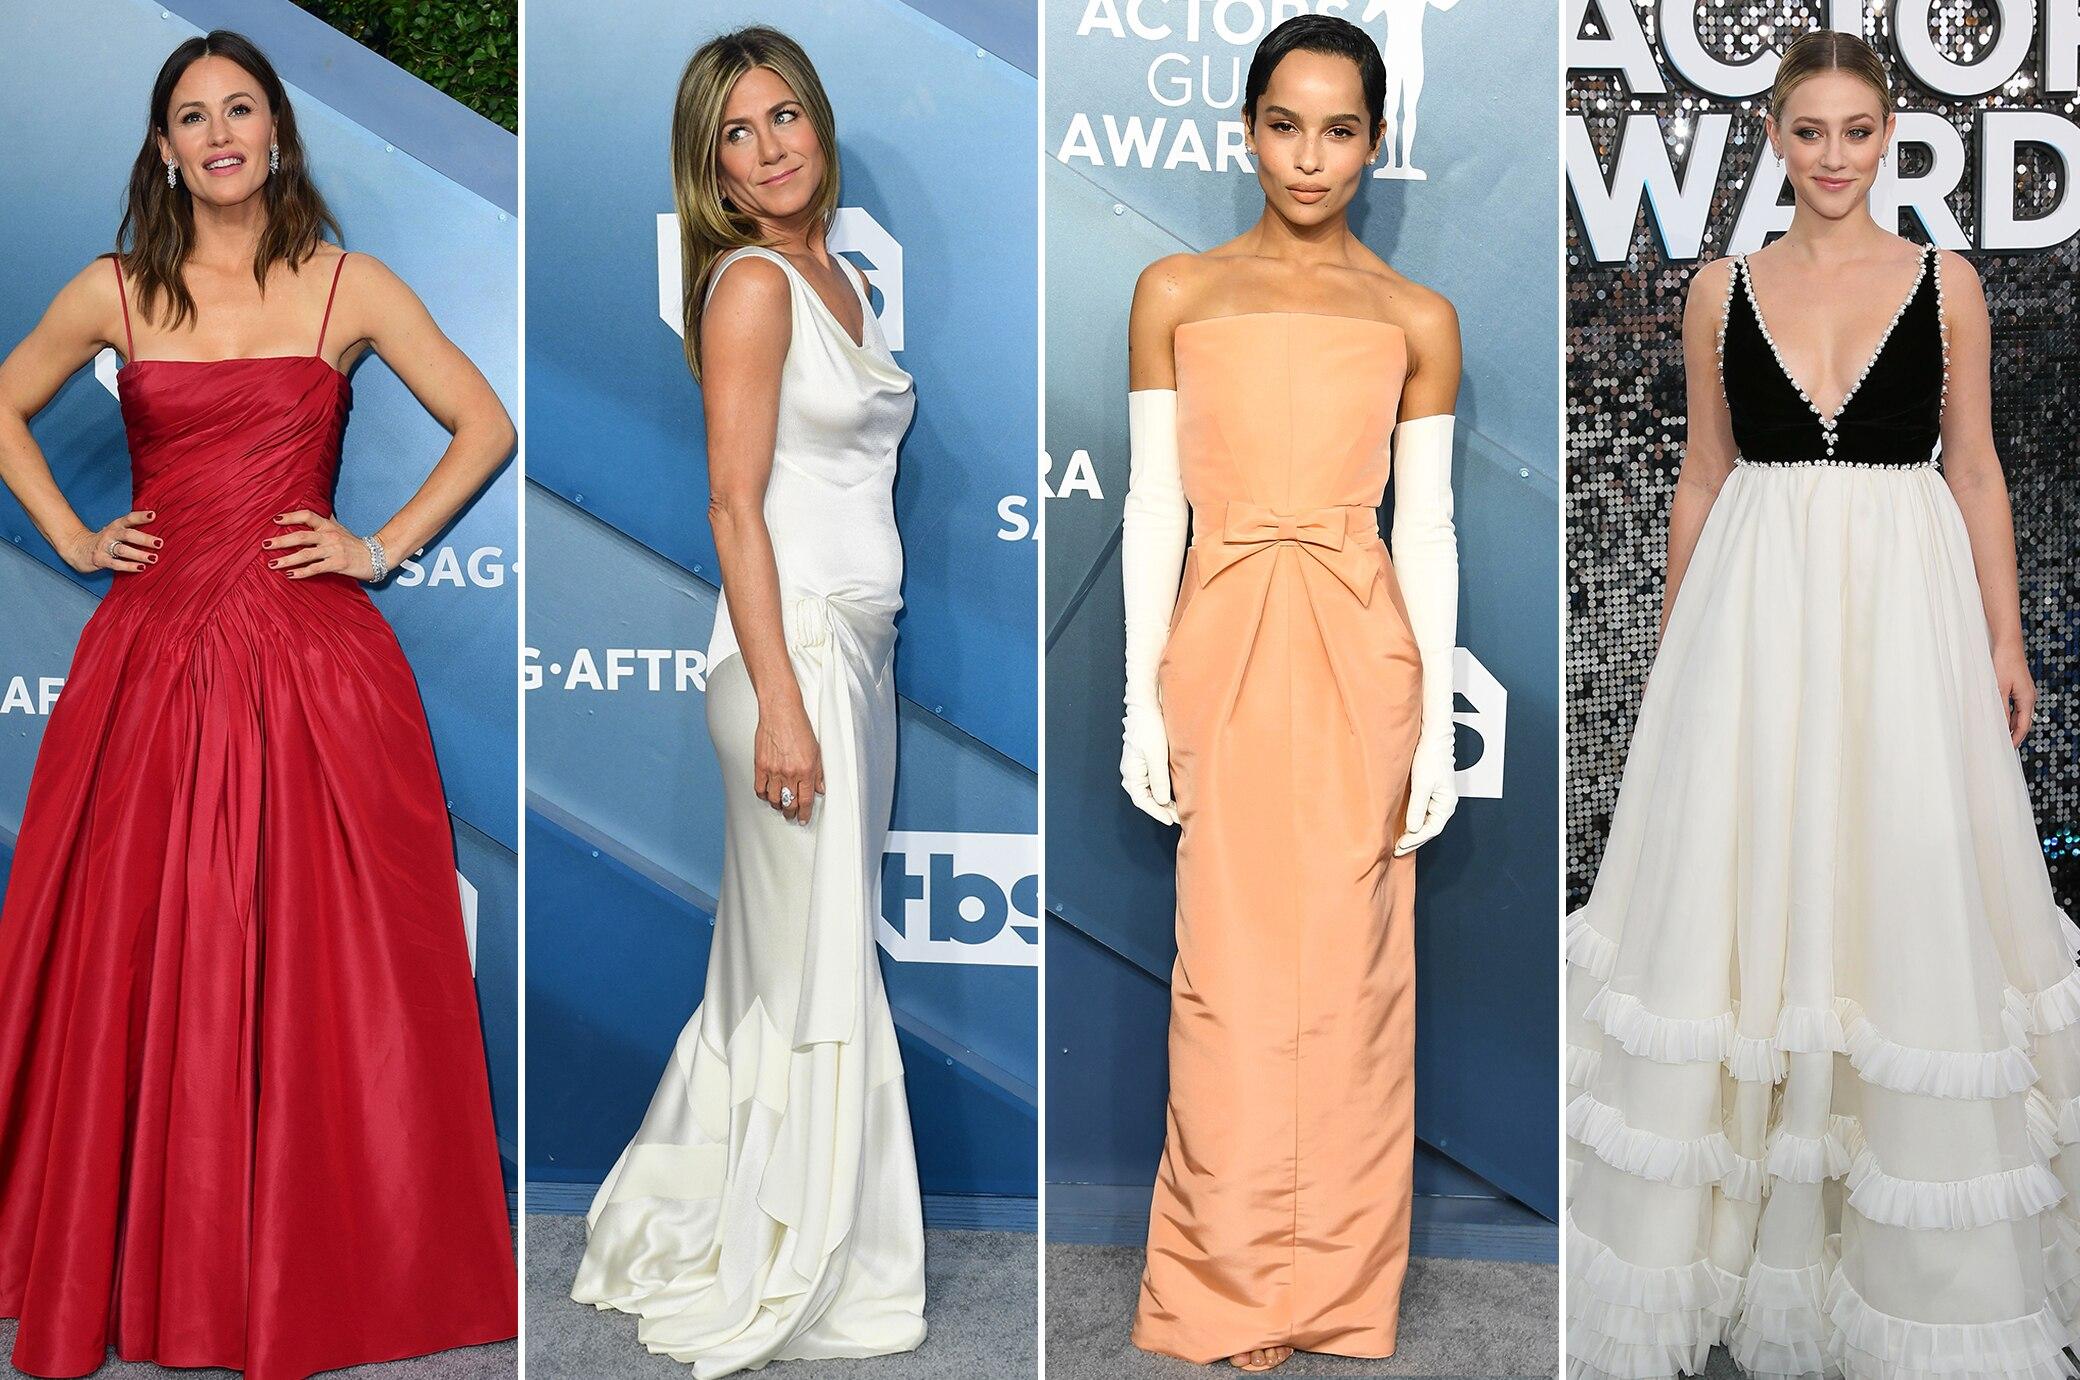 Stimmen Sie ab! Wer hatte den schönsten Look bei den SAG-Awards?